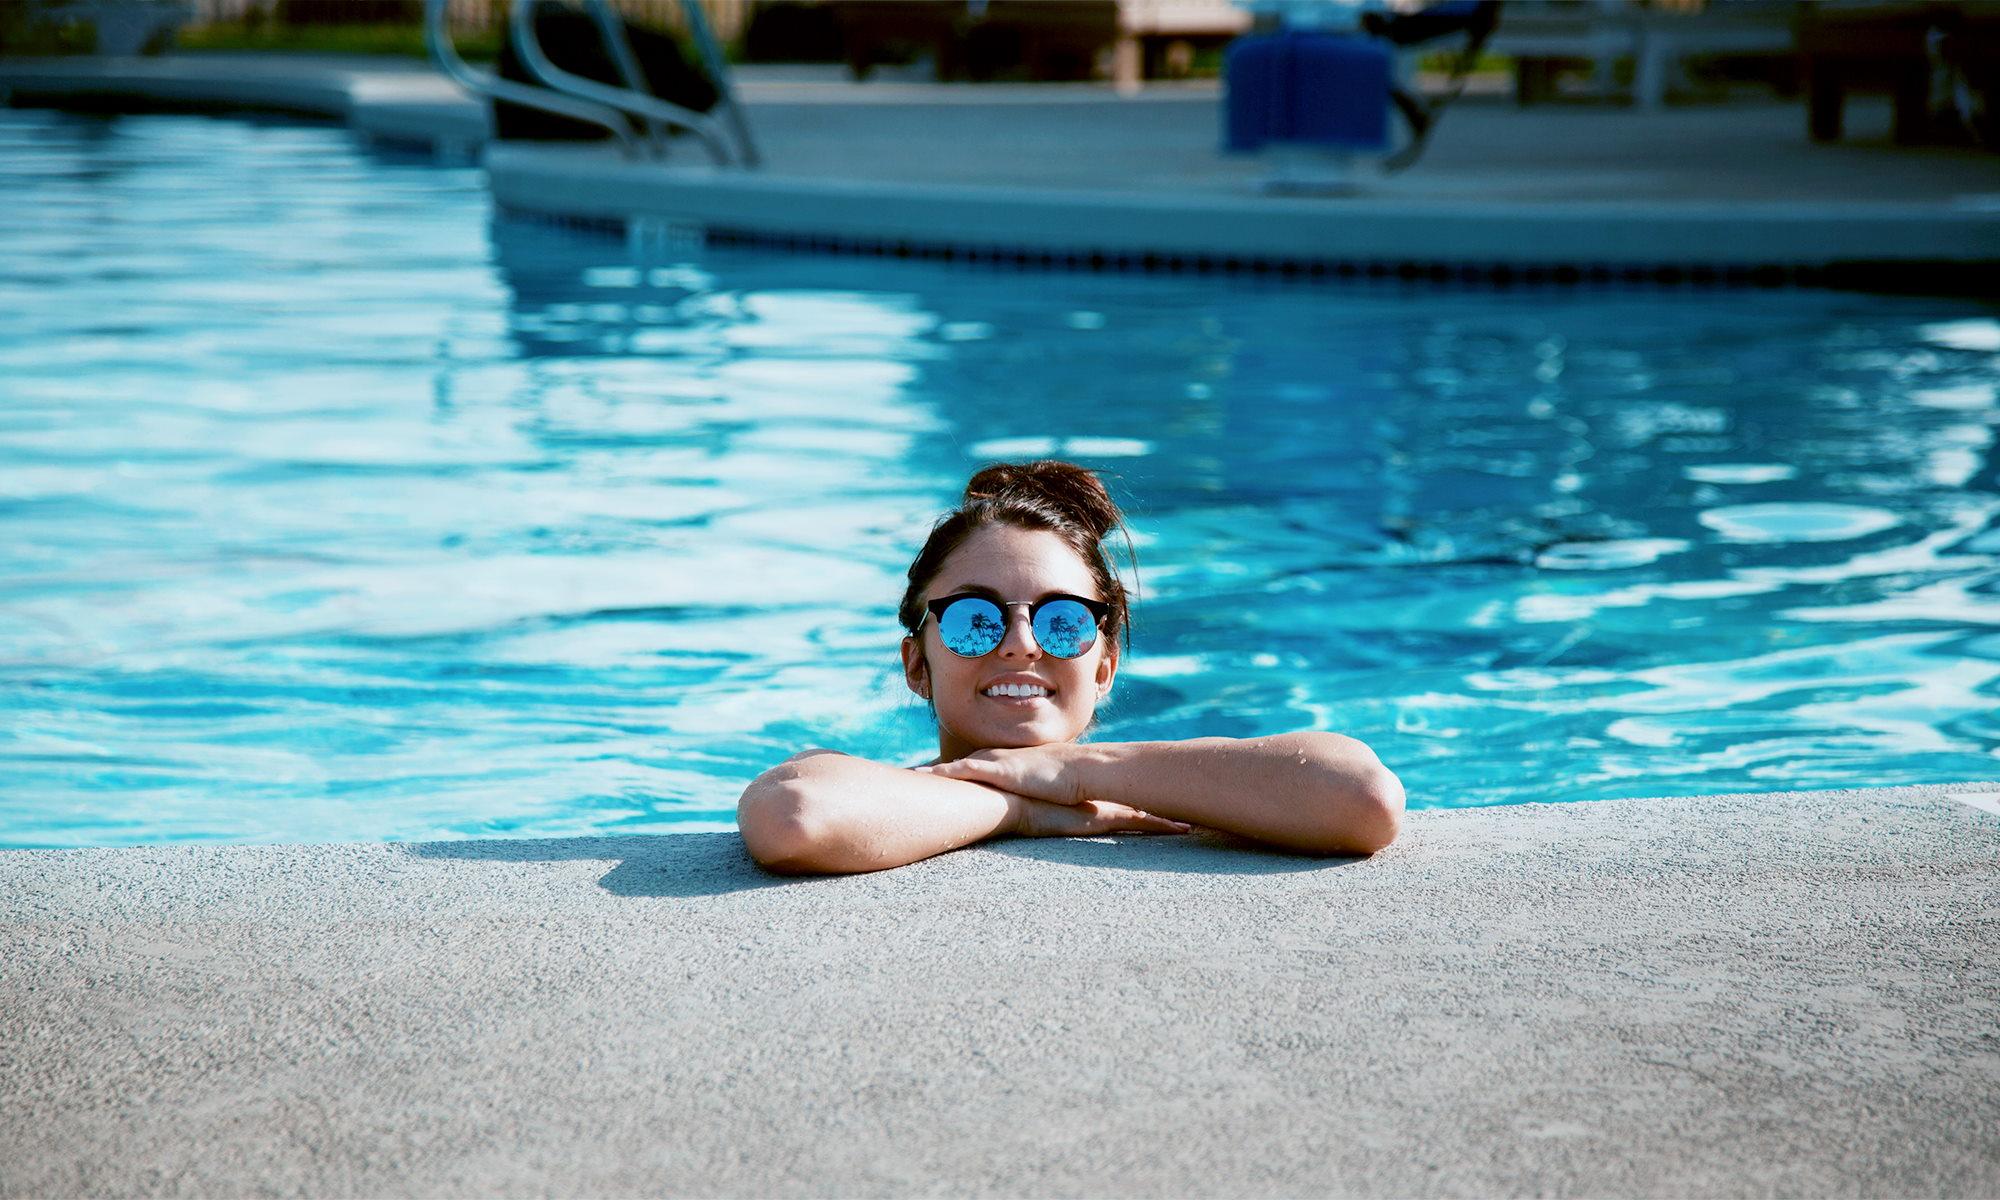 Baignade en vacances: les bons gestes à adopter - Concilio, votre solution d'accompagnement santé complet